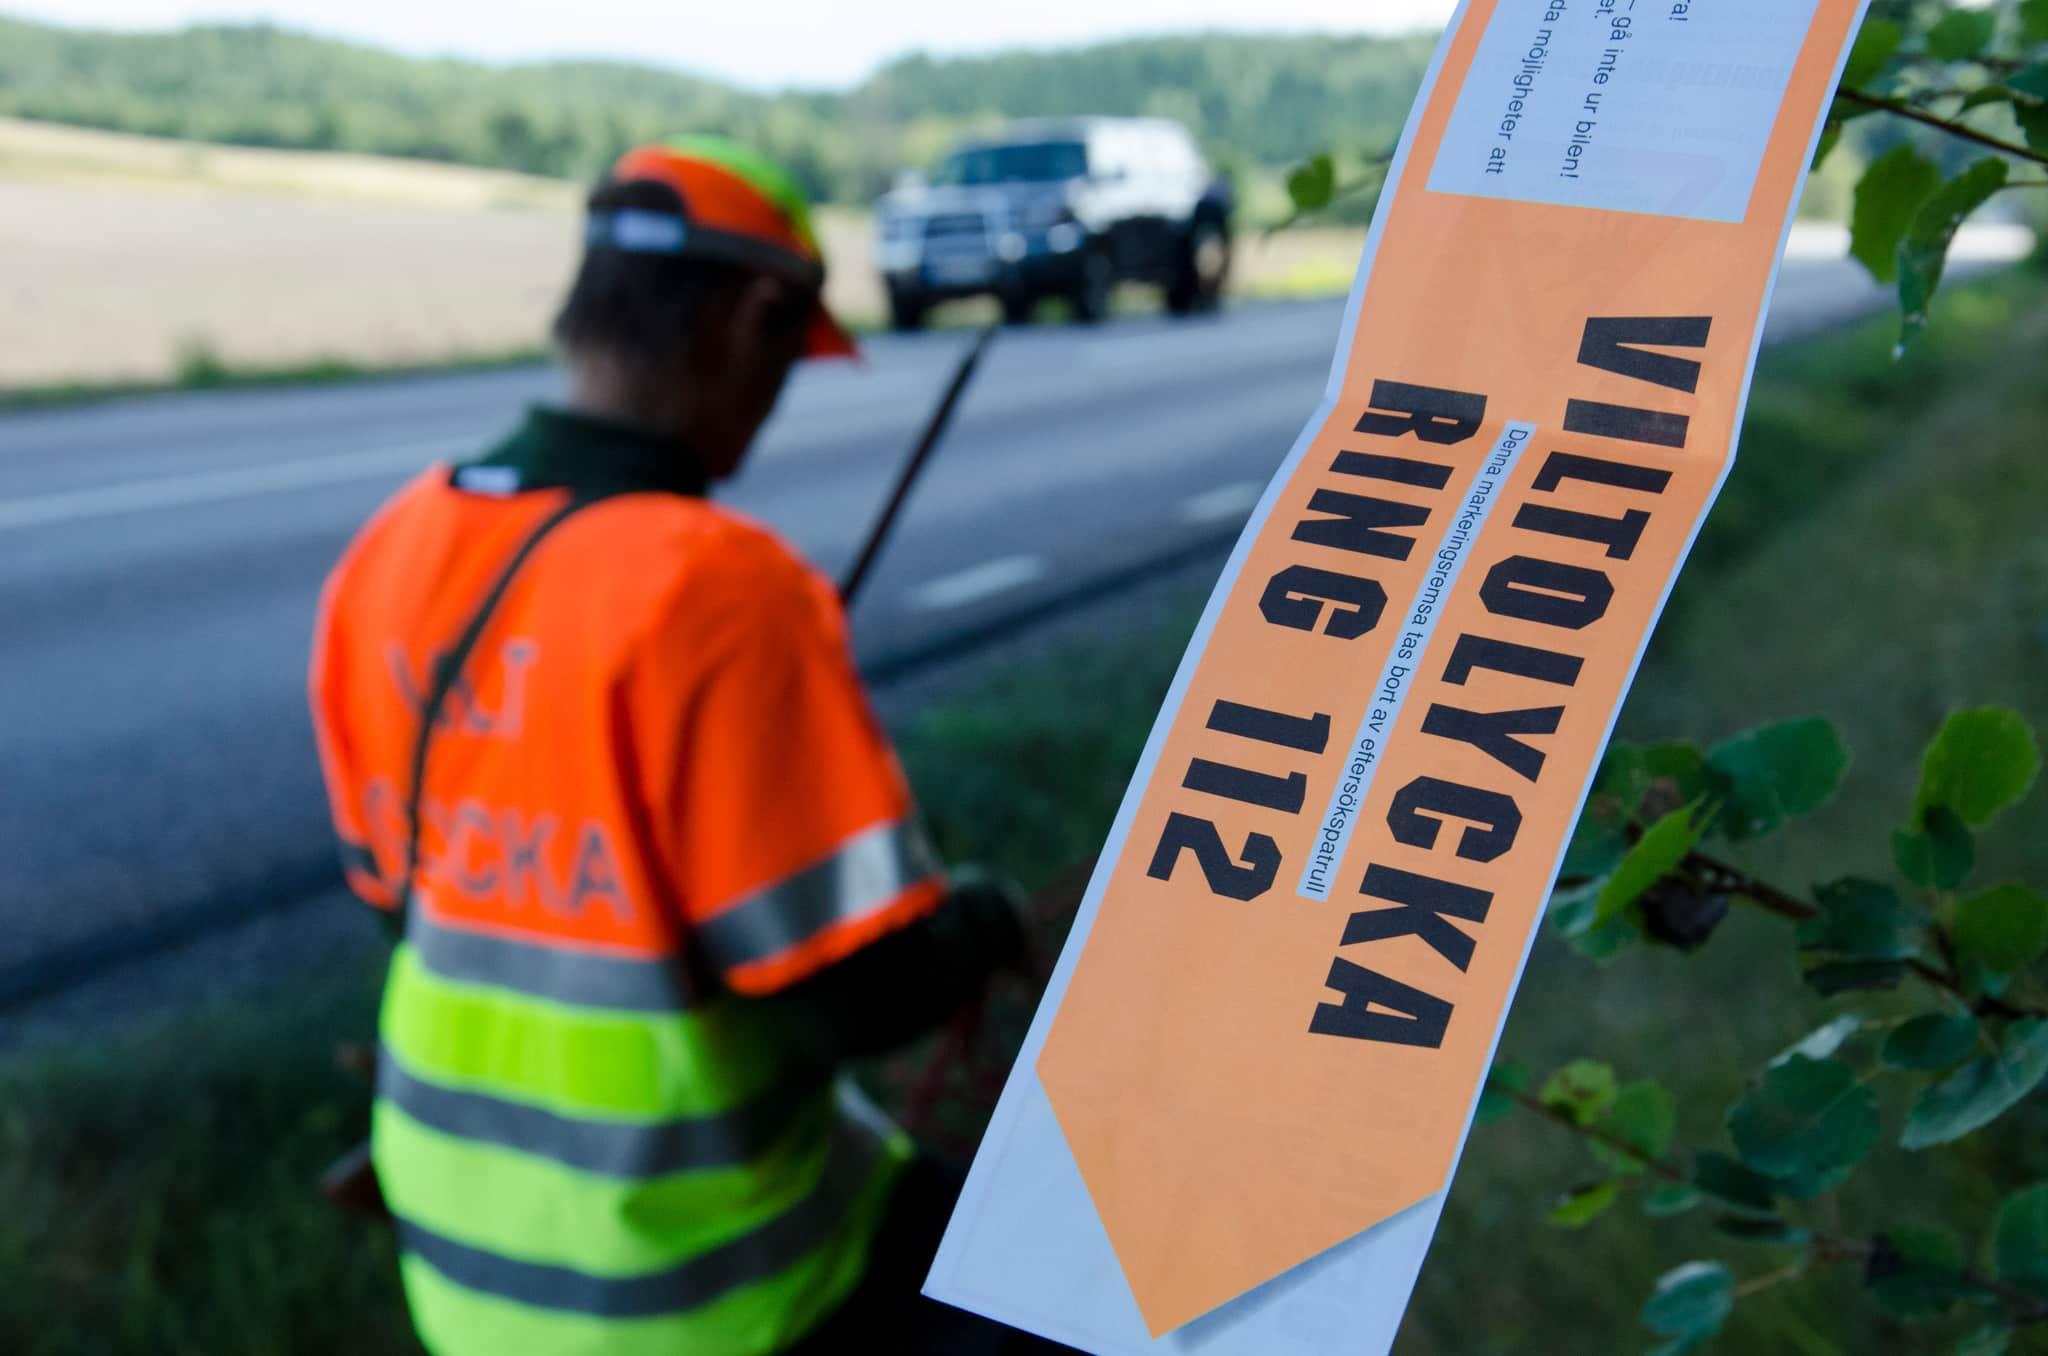 Älgolyckorna fortsätter att minska, medan trafikolyckor med rådjur och vildsvin ökar. Foto: Martin Källberg